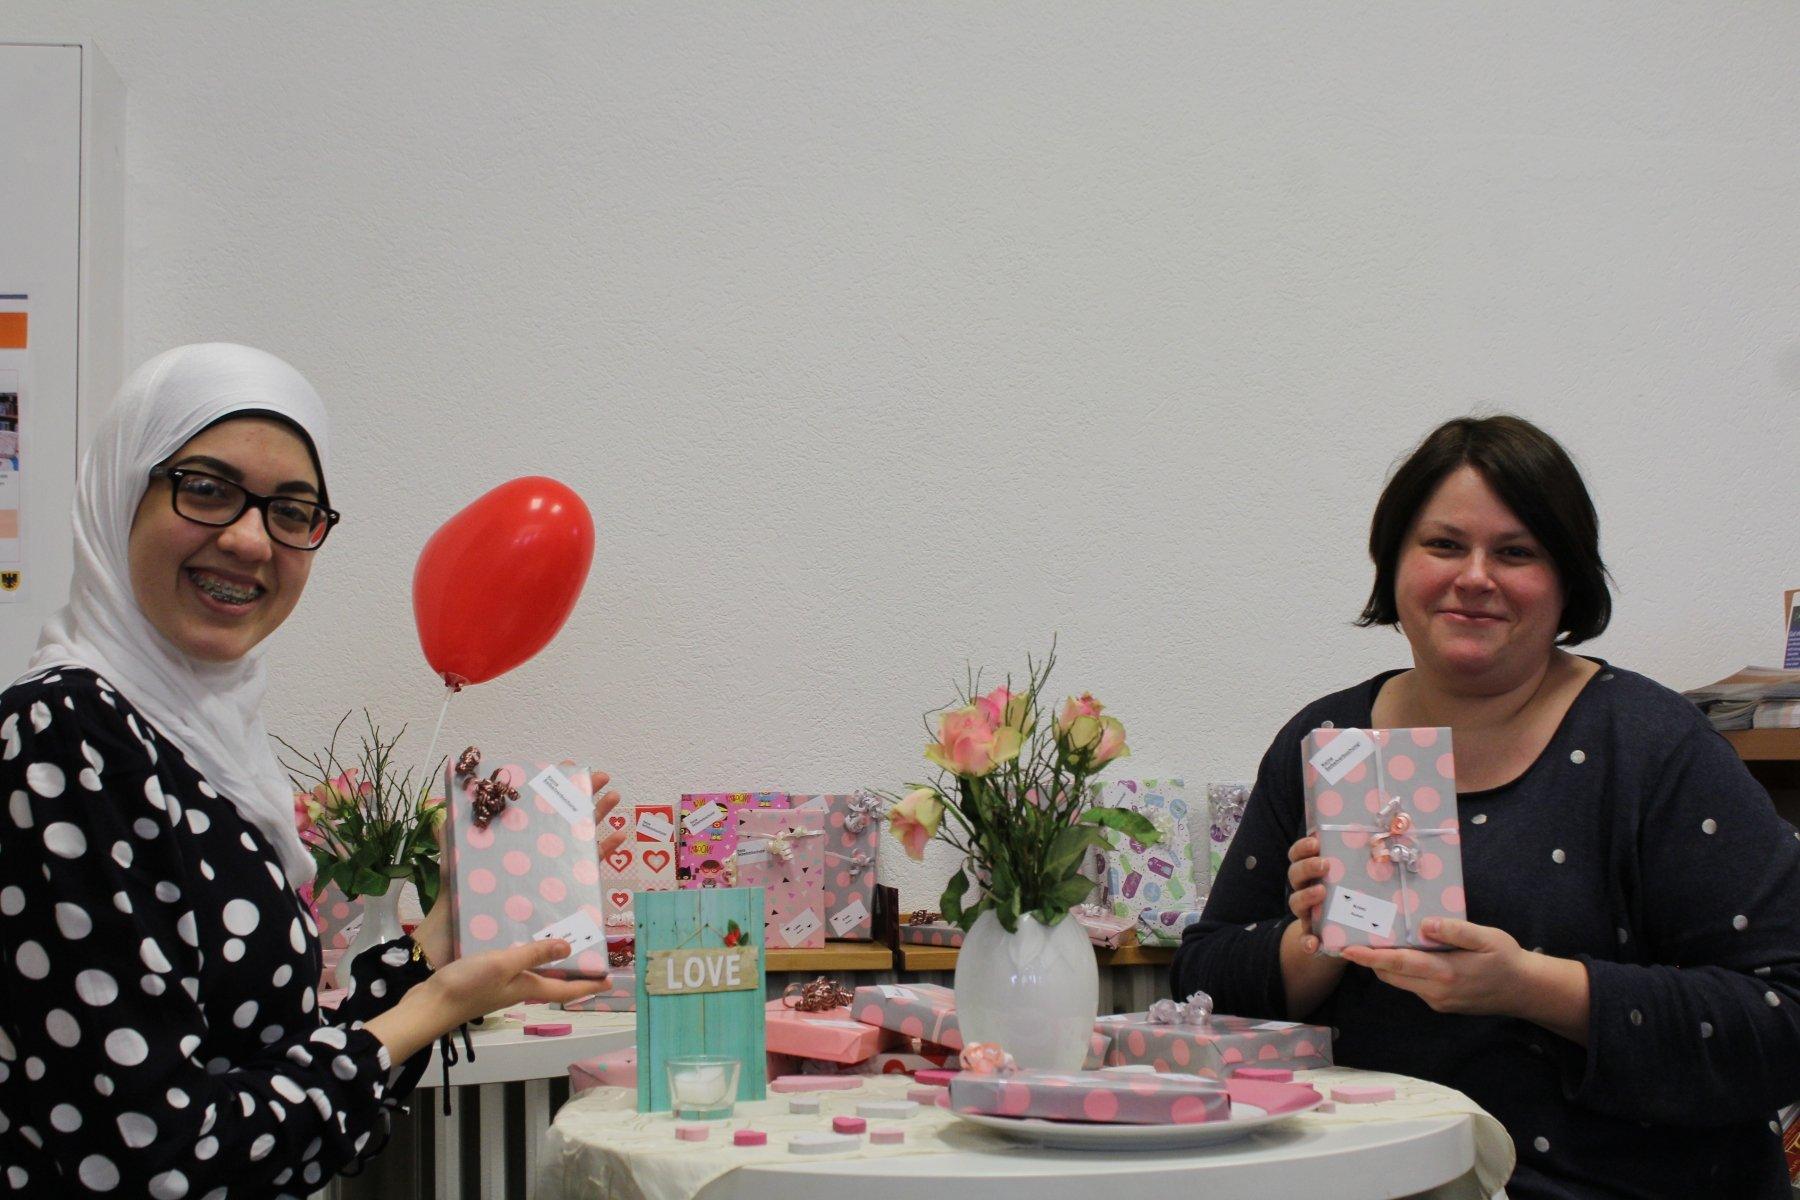 Die Bibliotheksmitarbeiterinnen Chaymae Darssi (l.) und Nicole Ahlf freuen sich auf Sie! (Foto: Birgit Stenert)